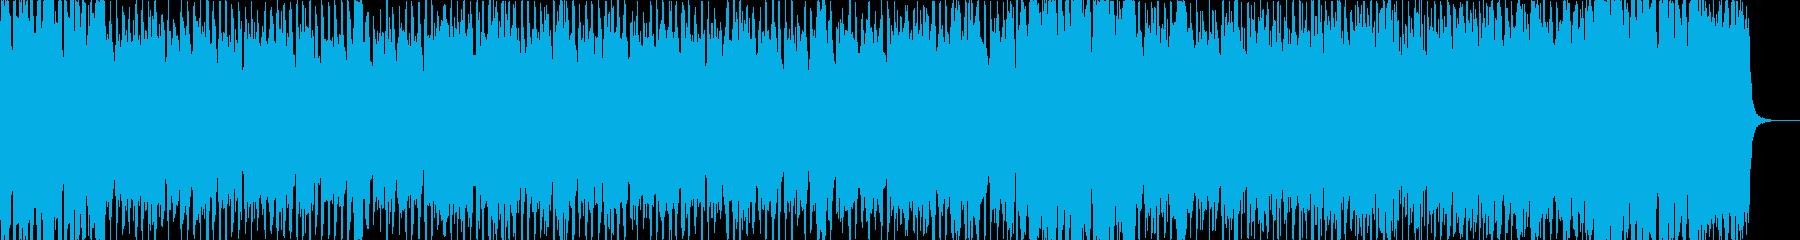 AMERICAN夢のポップス王道サウンドの再生済みの波形